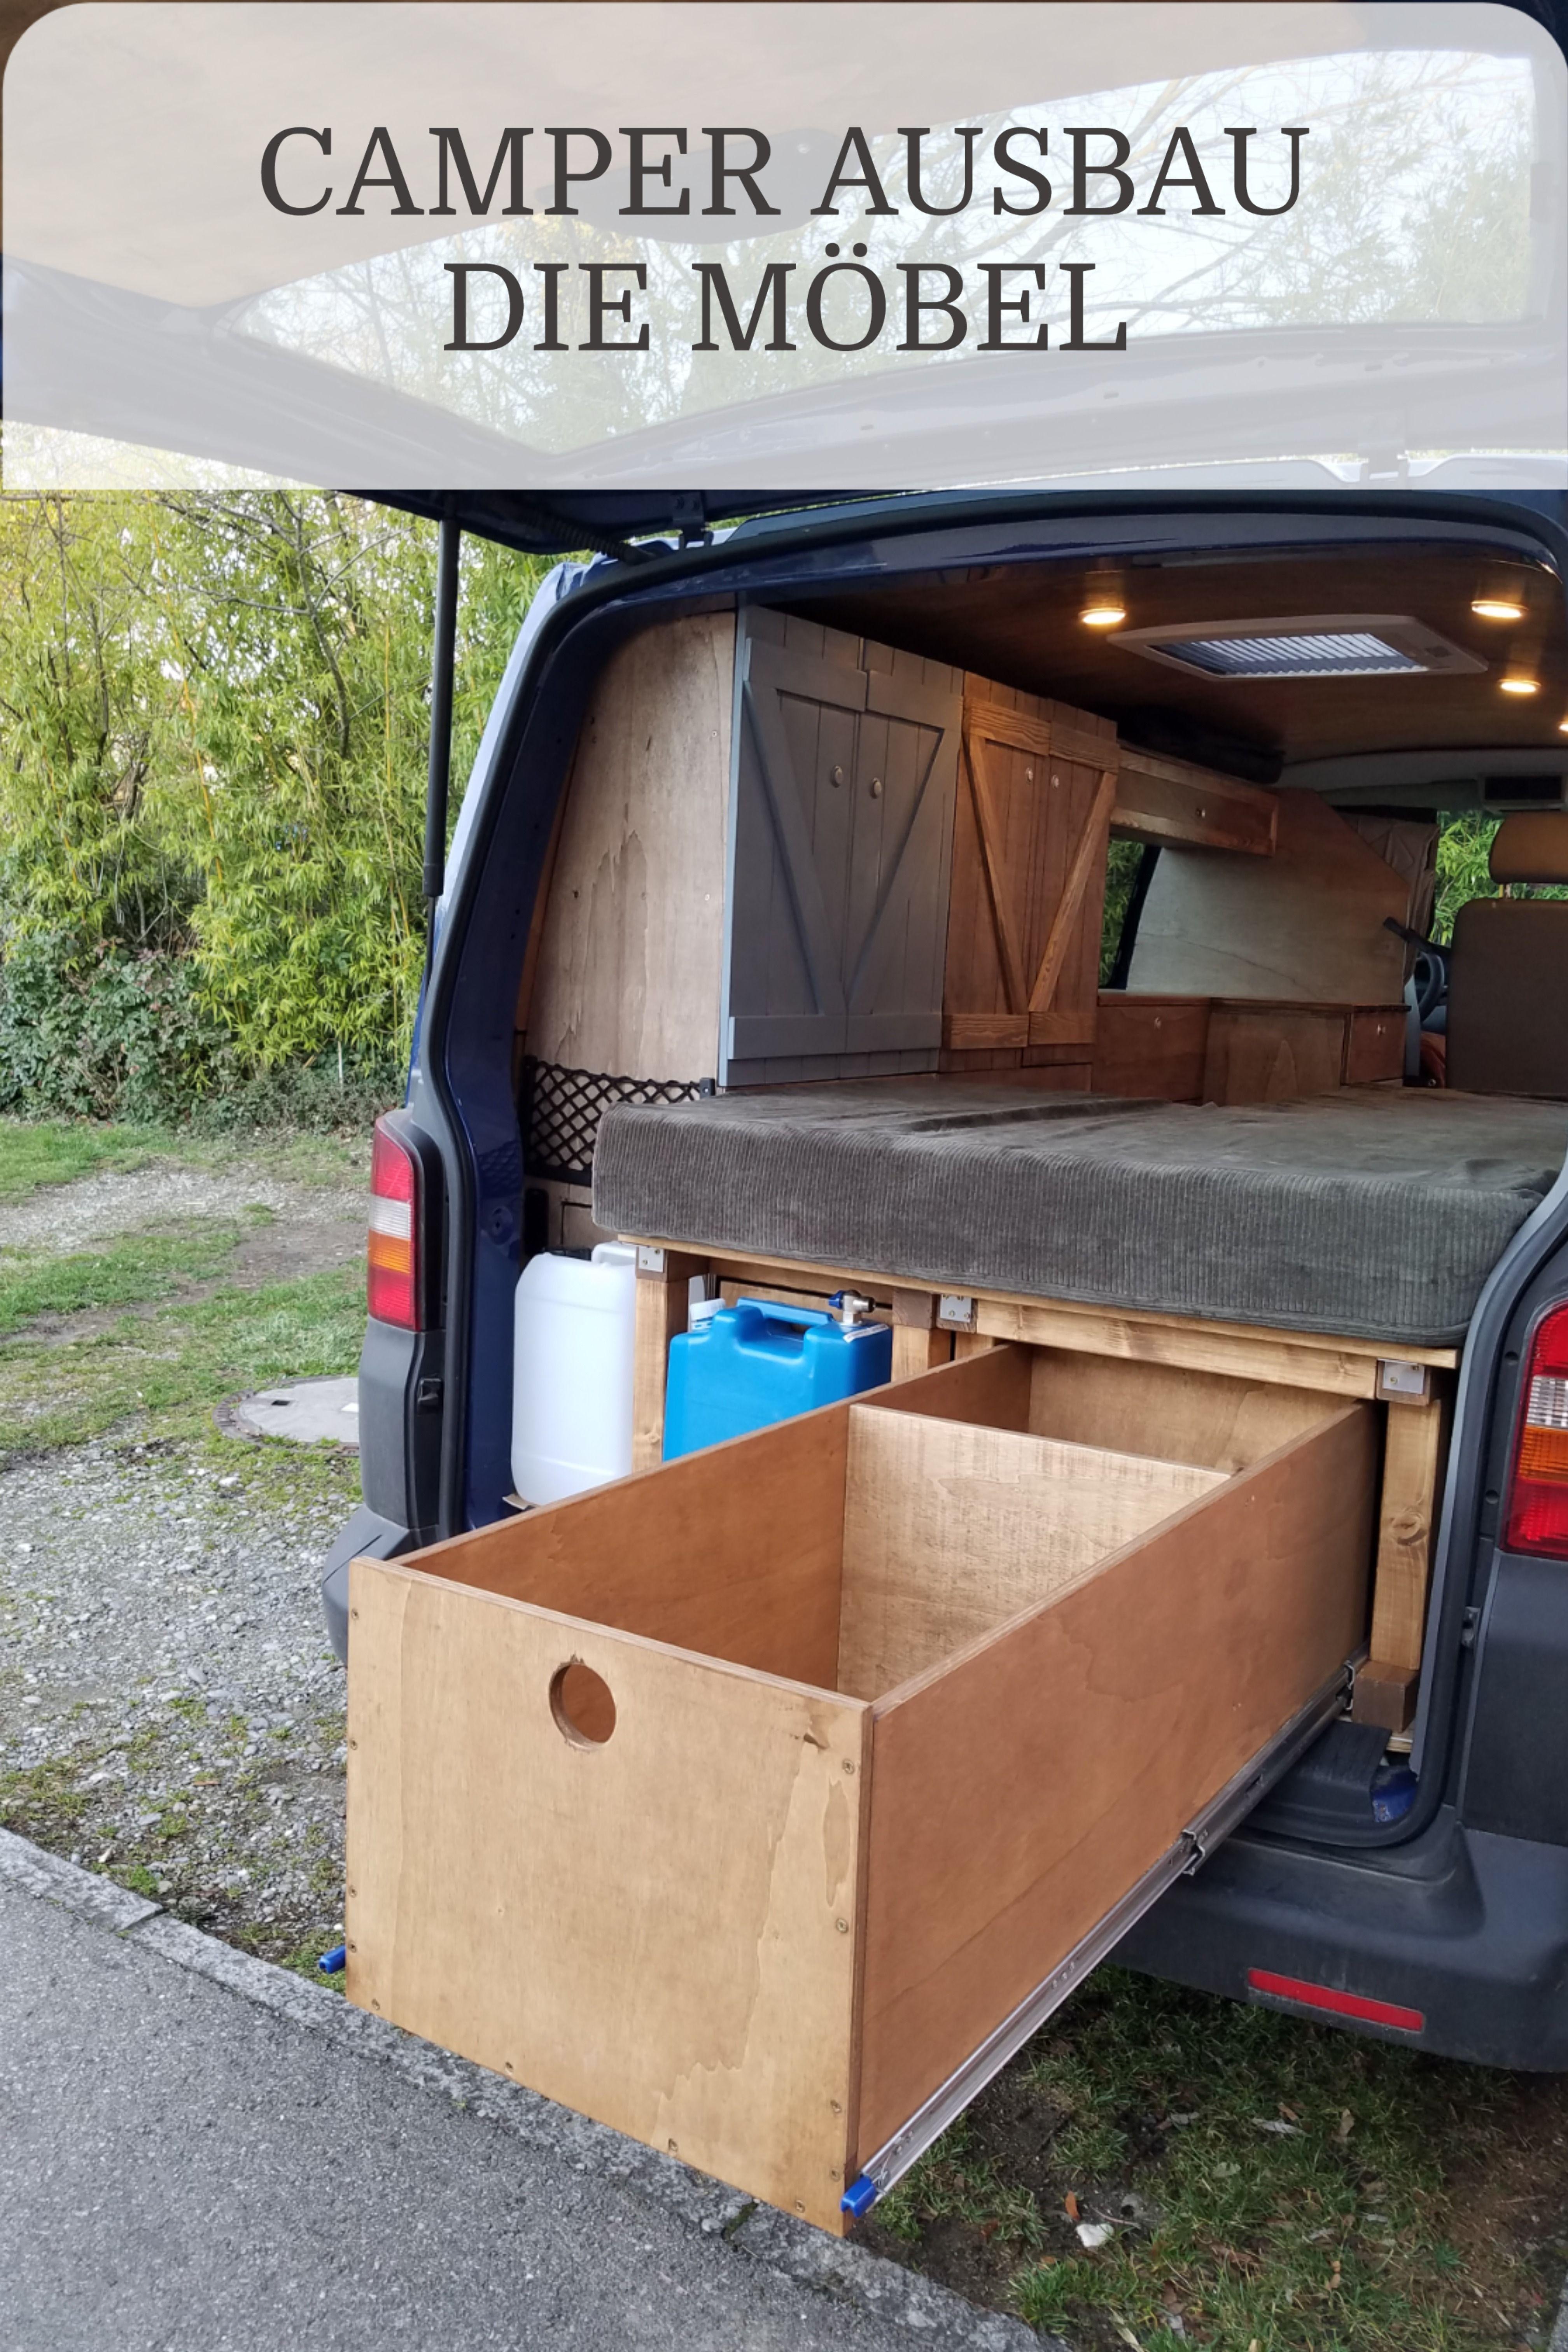 Möbel für den Camper selber bauen DIY Camper Ausbau 10